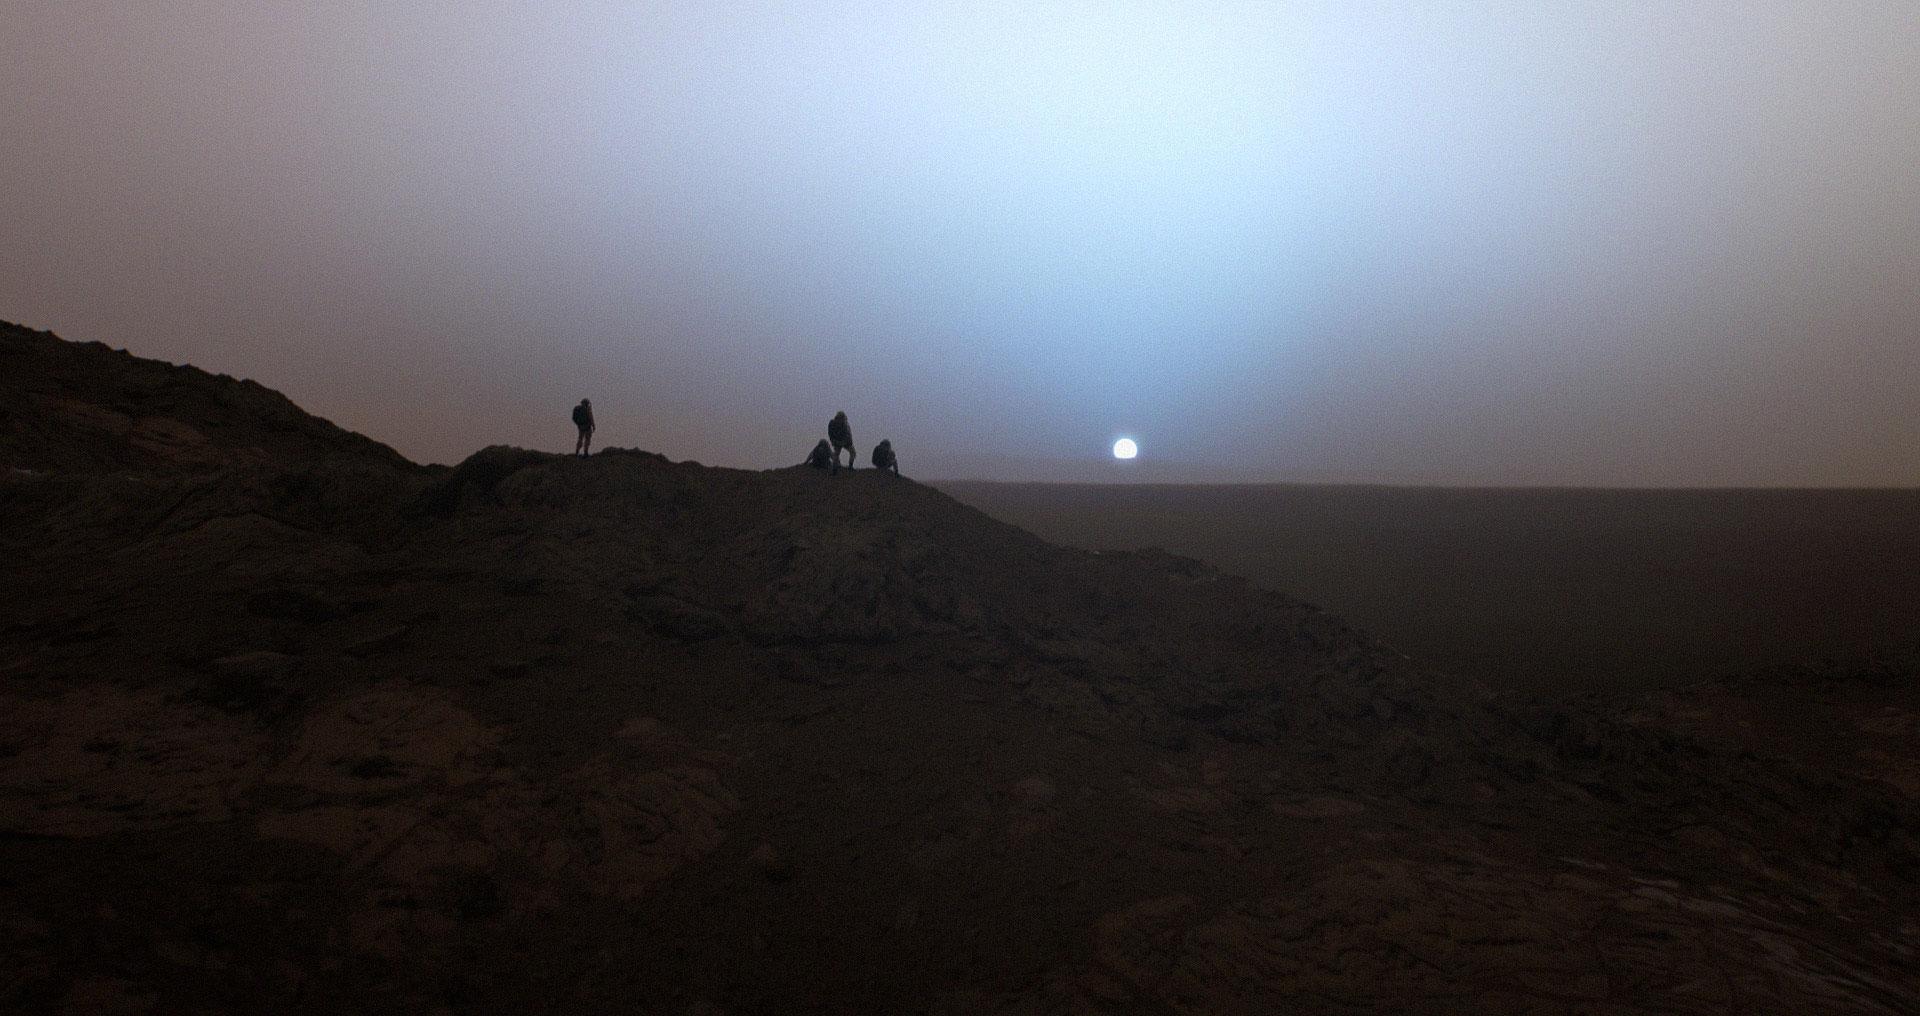 Um pôr do Sol em Marte, baseado em imagens reais obtidas pelo jipe Spirit!